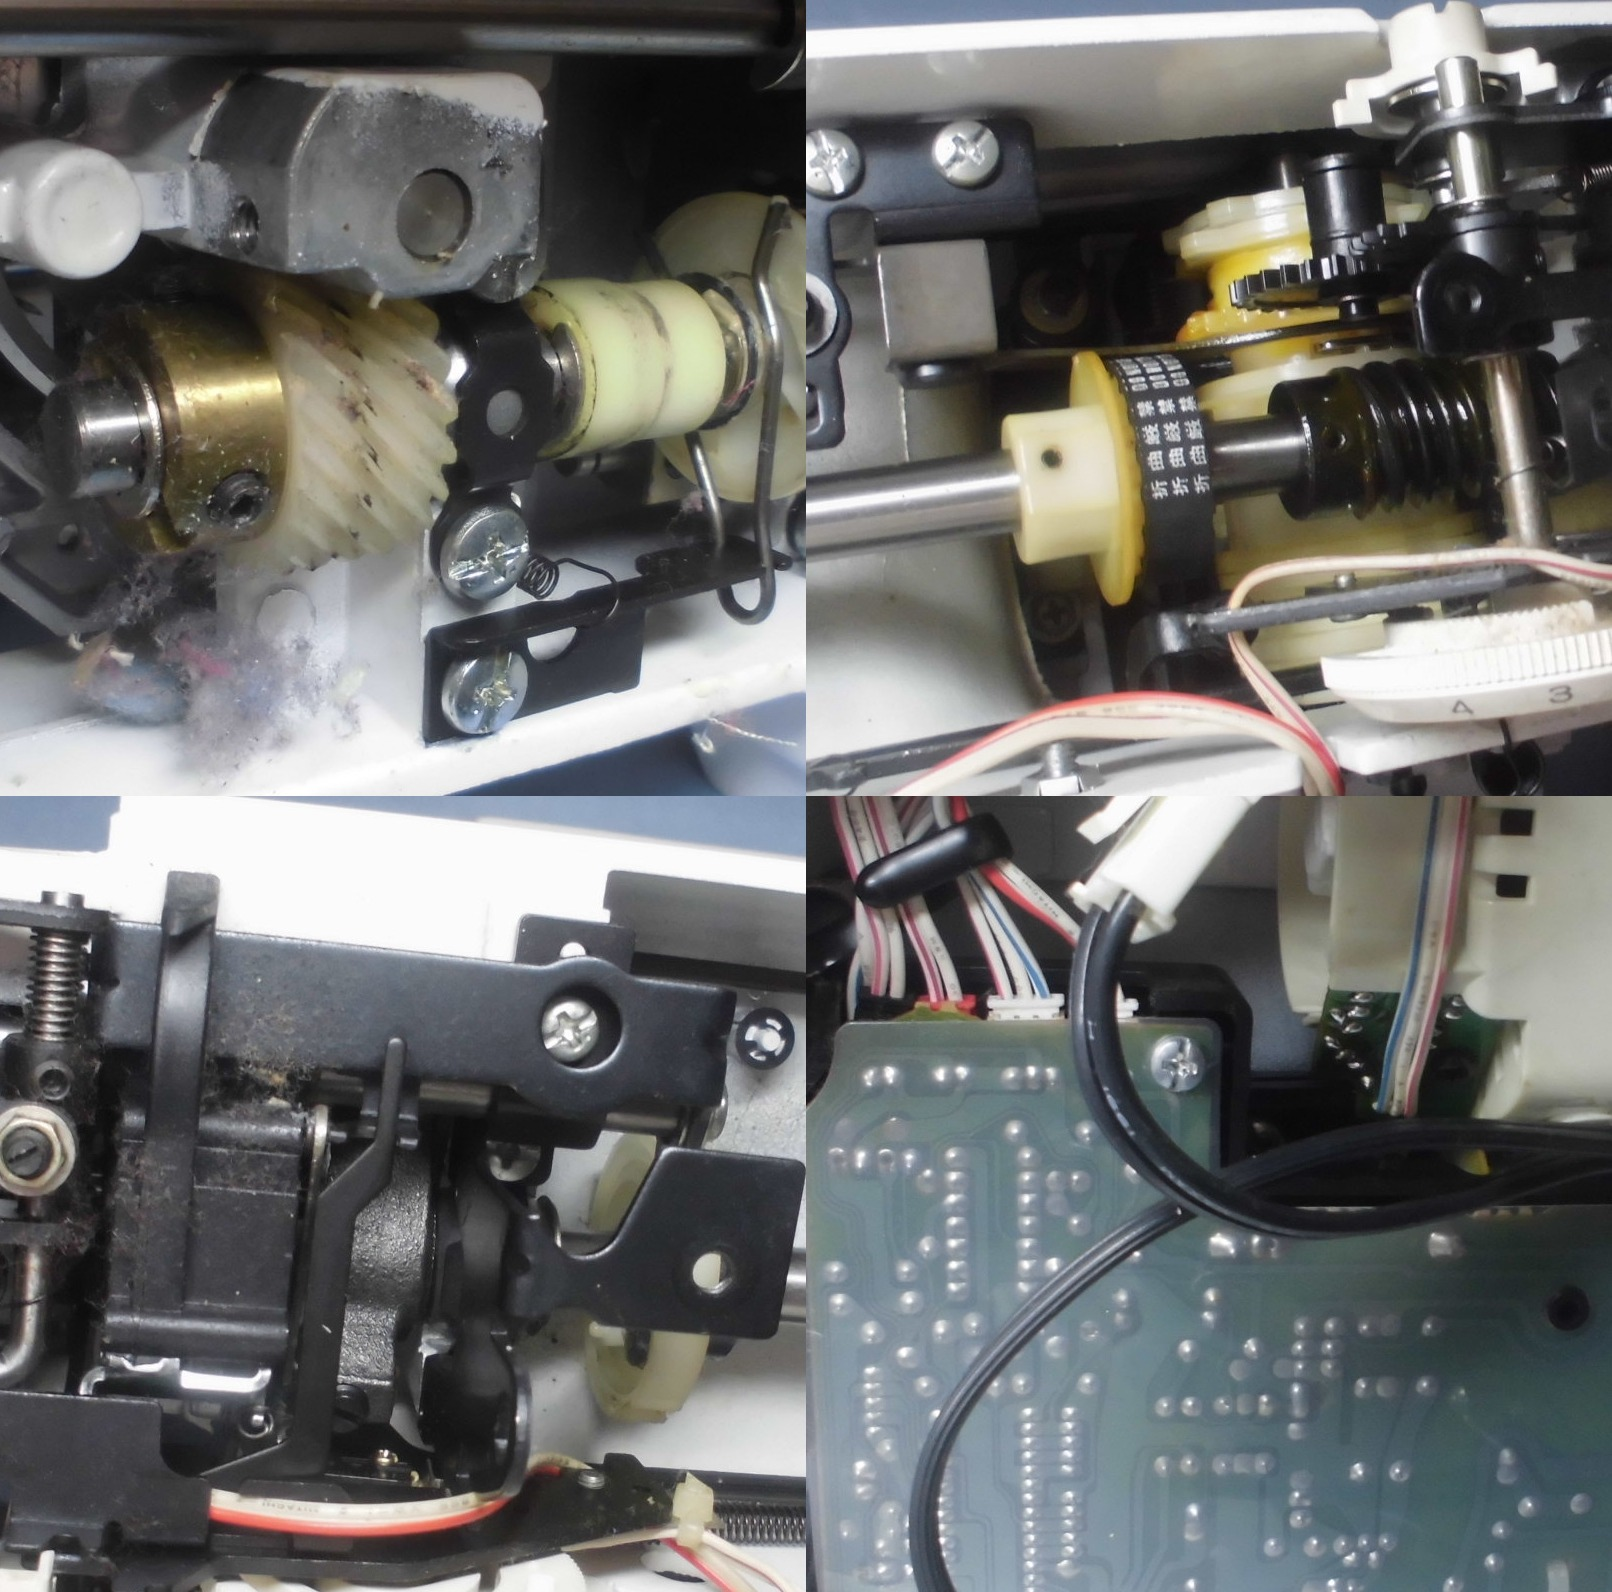 ブラザーミシンAX-1000の故障や不具合|糸調子が合わない、綺麗に縫えない、異音など